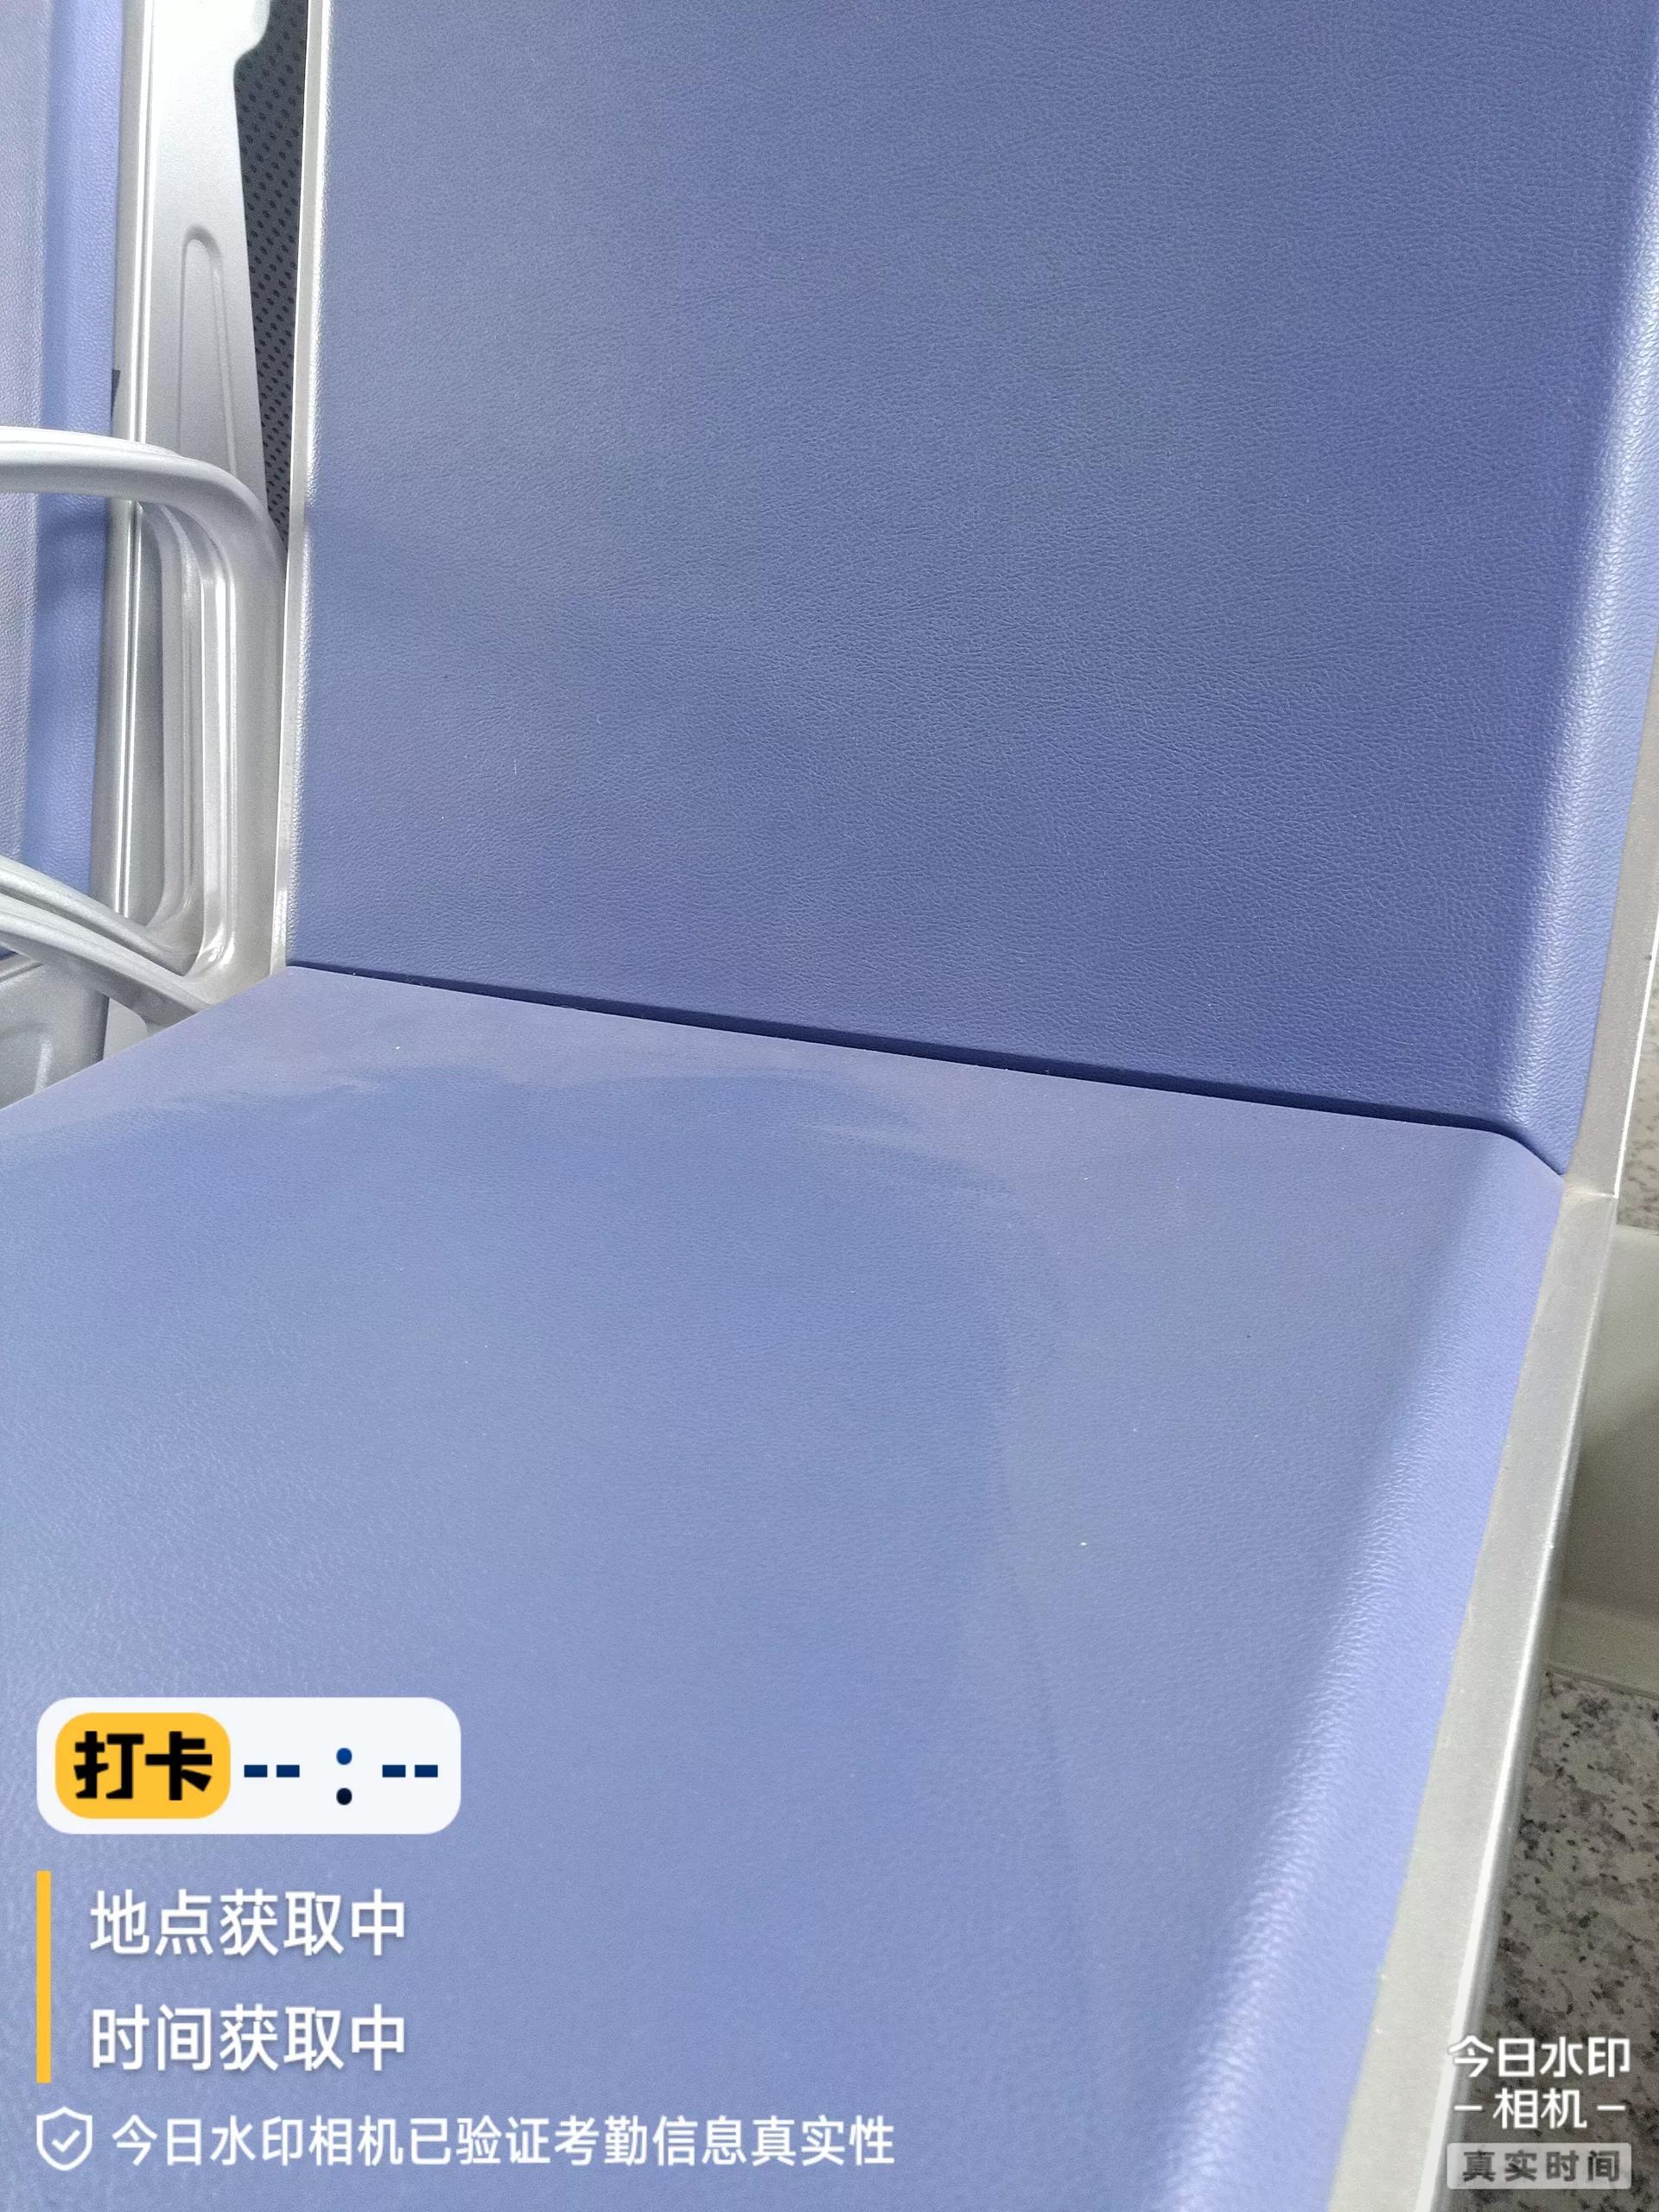 山东高铁,齐河东站候车座位到底有多脏